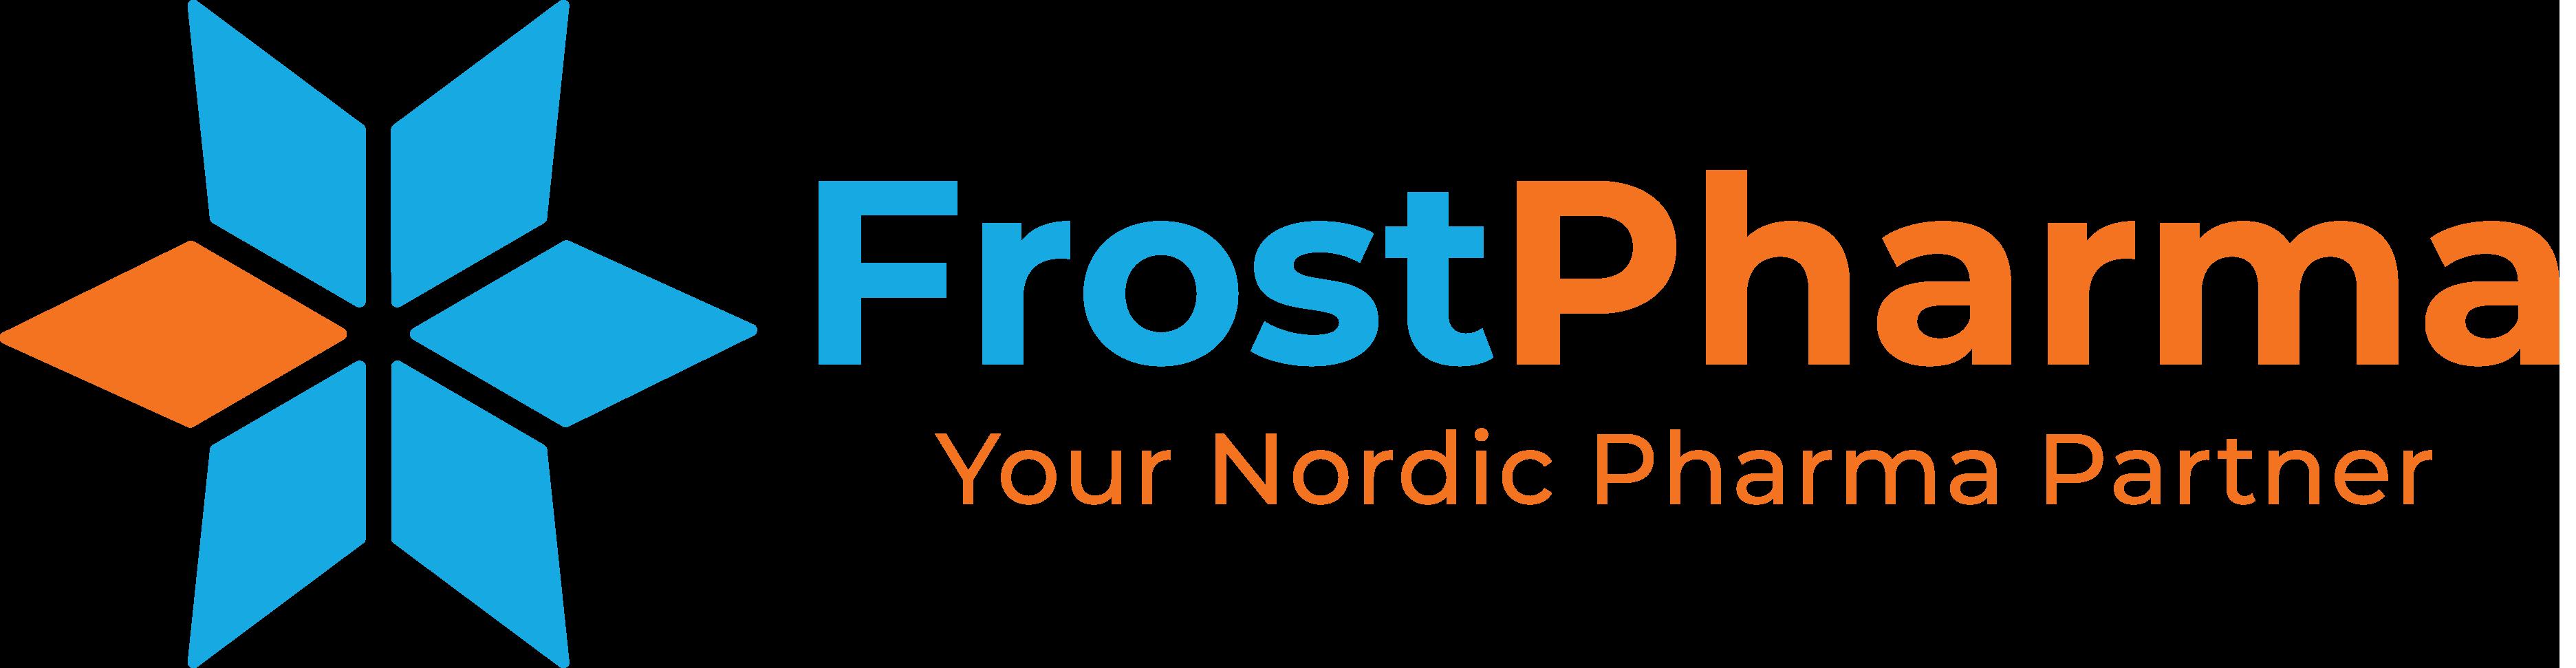 frostpharma.se